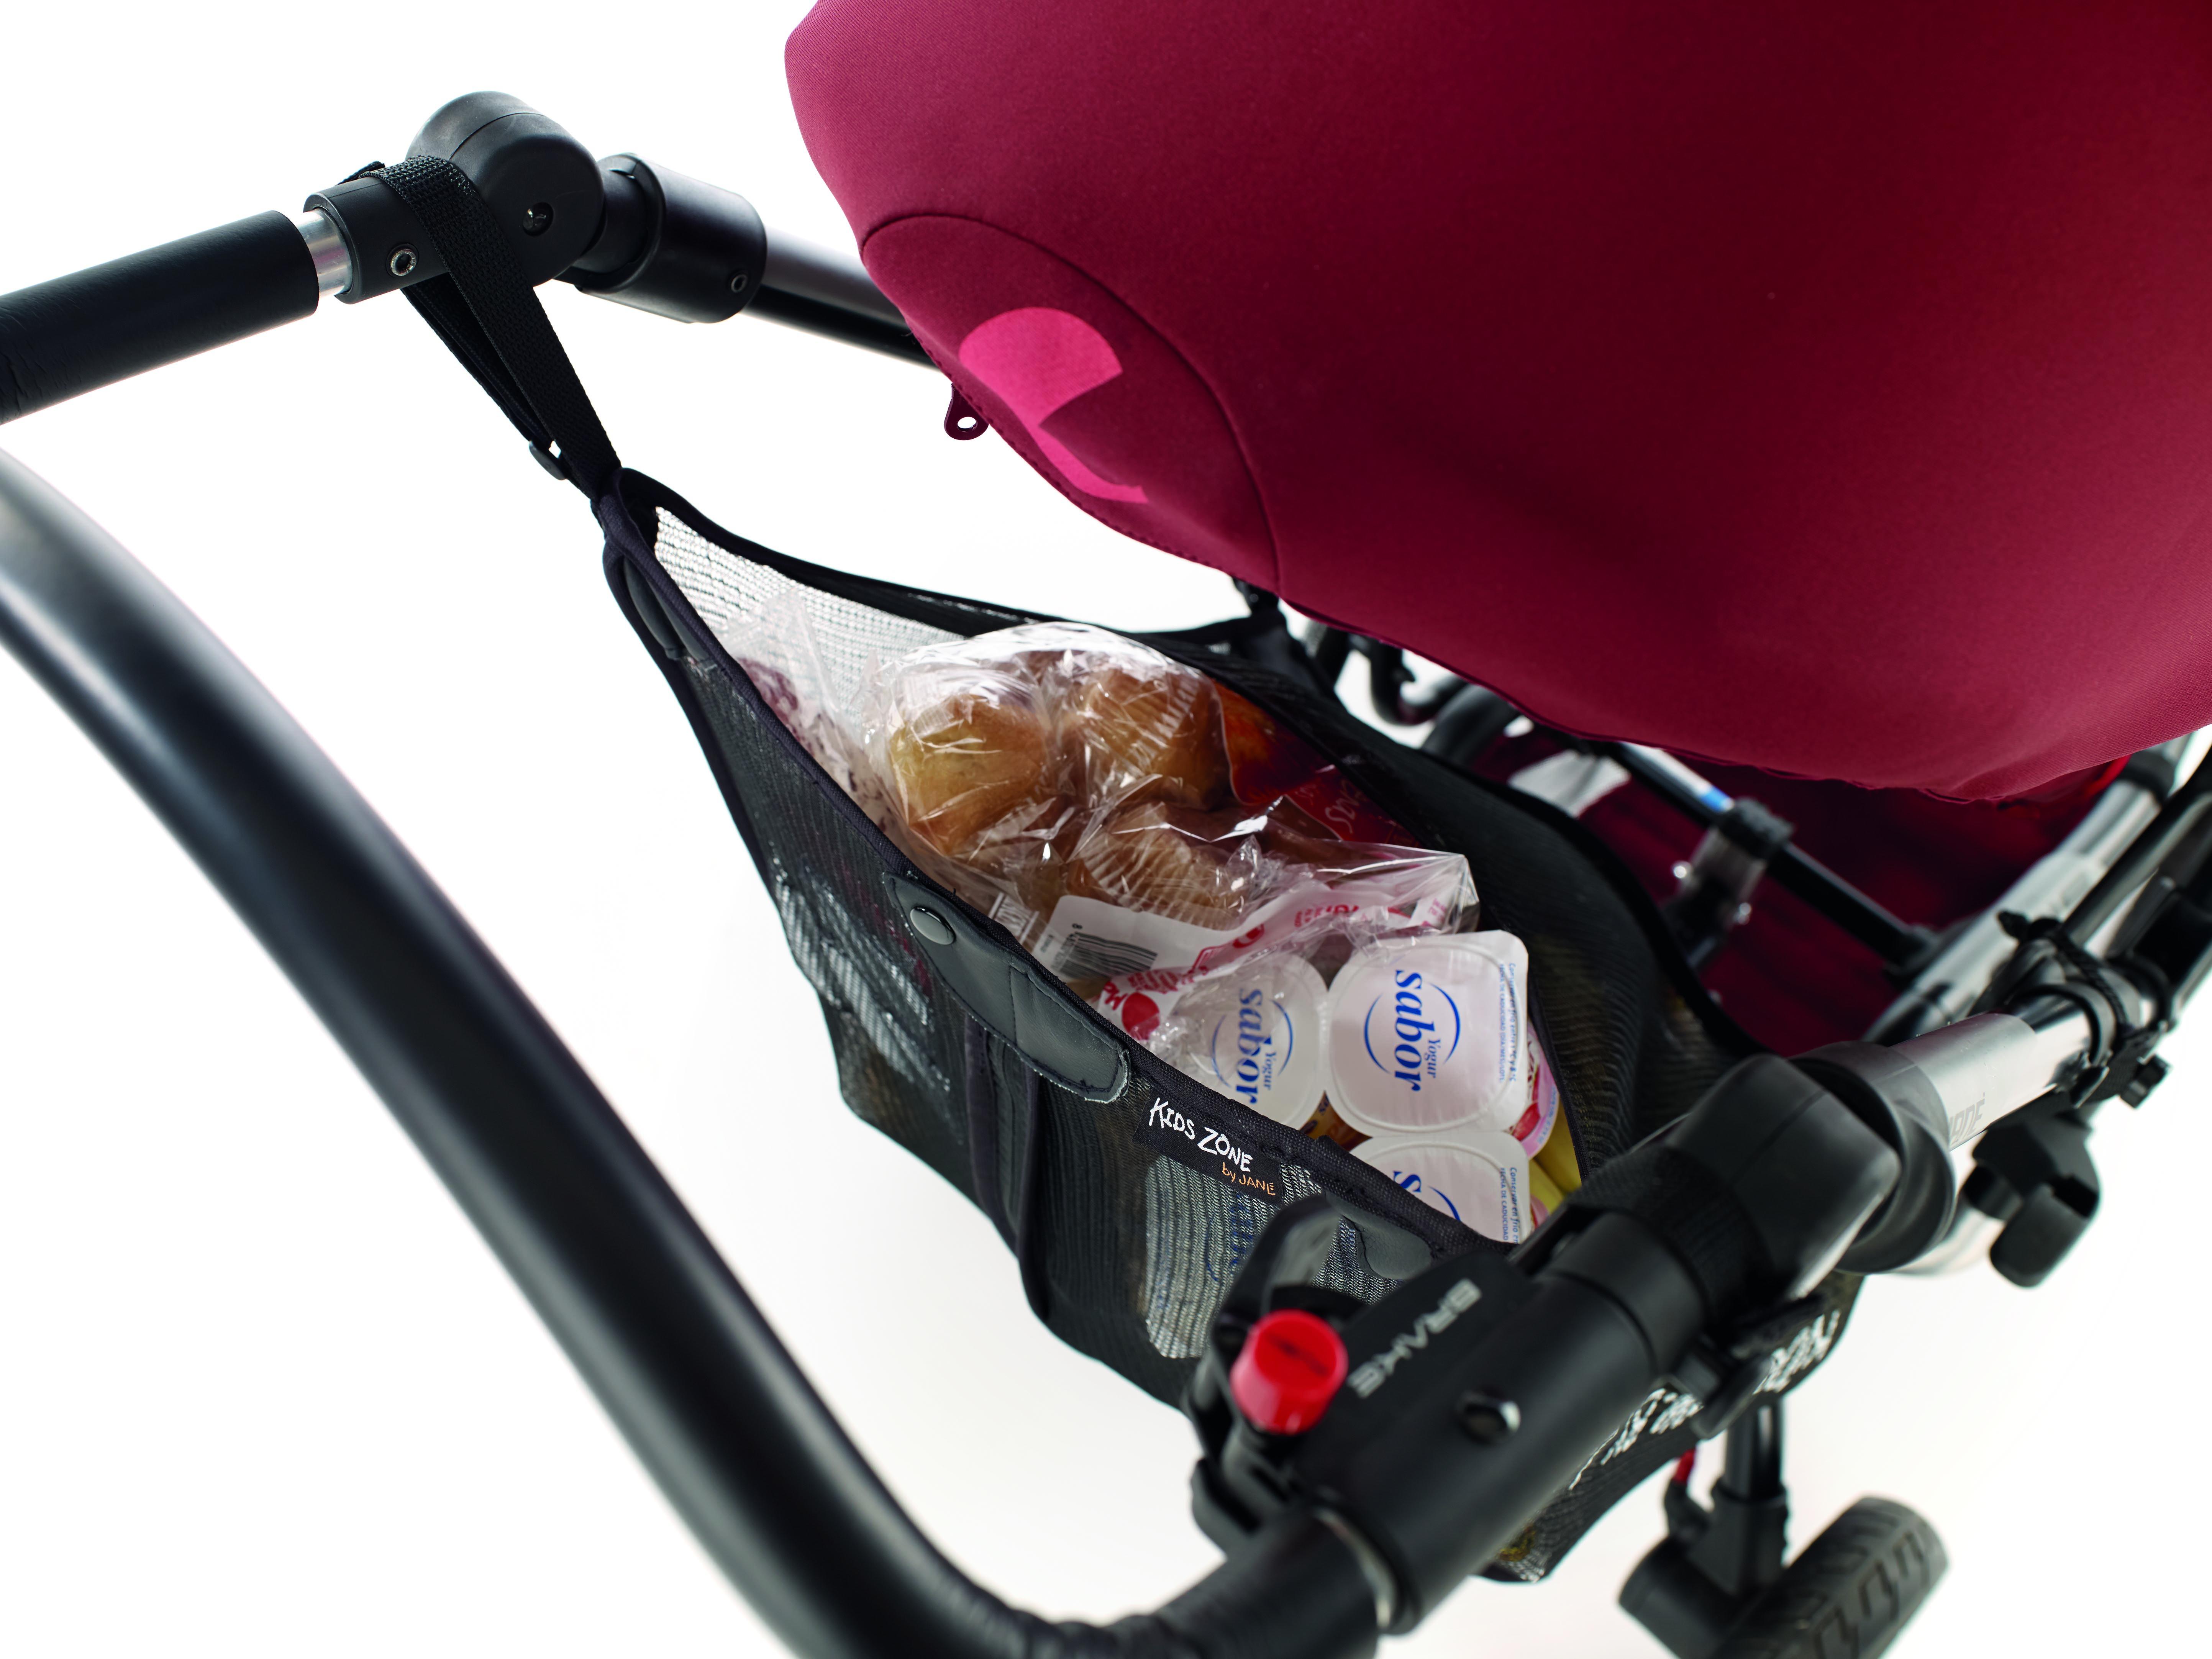 carrito para no usar bolsas de plástico